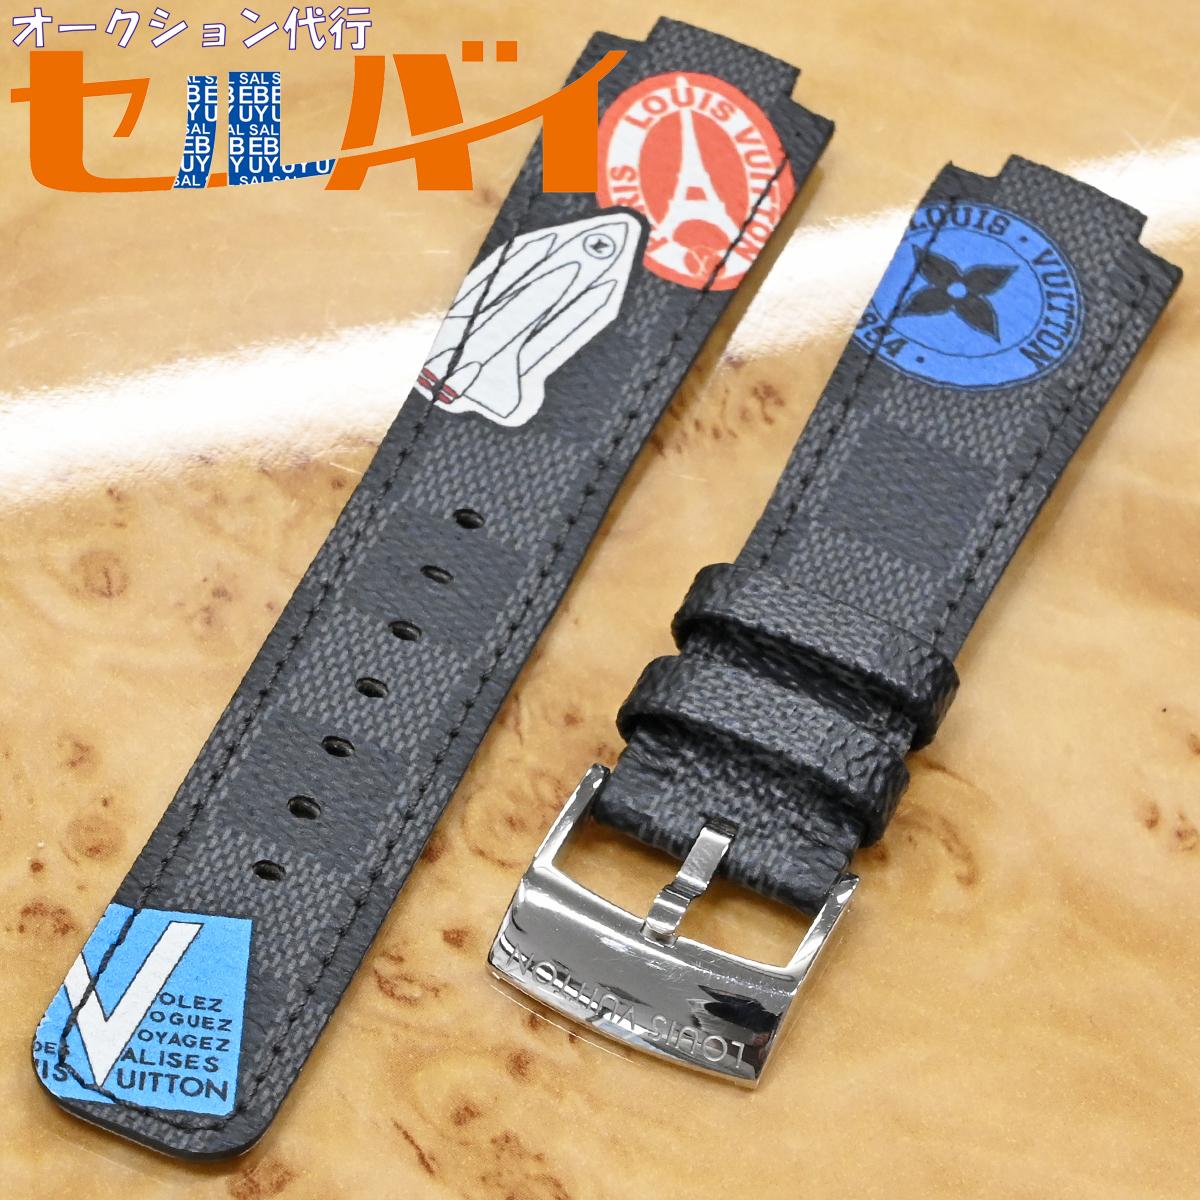 本物 超美品 ルイヴィトン 新型ワンタッチ リムーバブル ダミエ グラフィット ワールドツアー メンズ タンブール 腕時計 ウォッチベルト_画像1